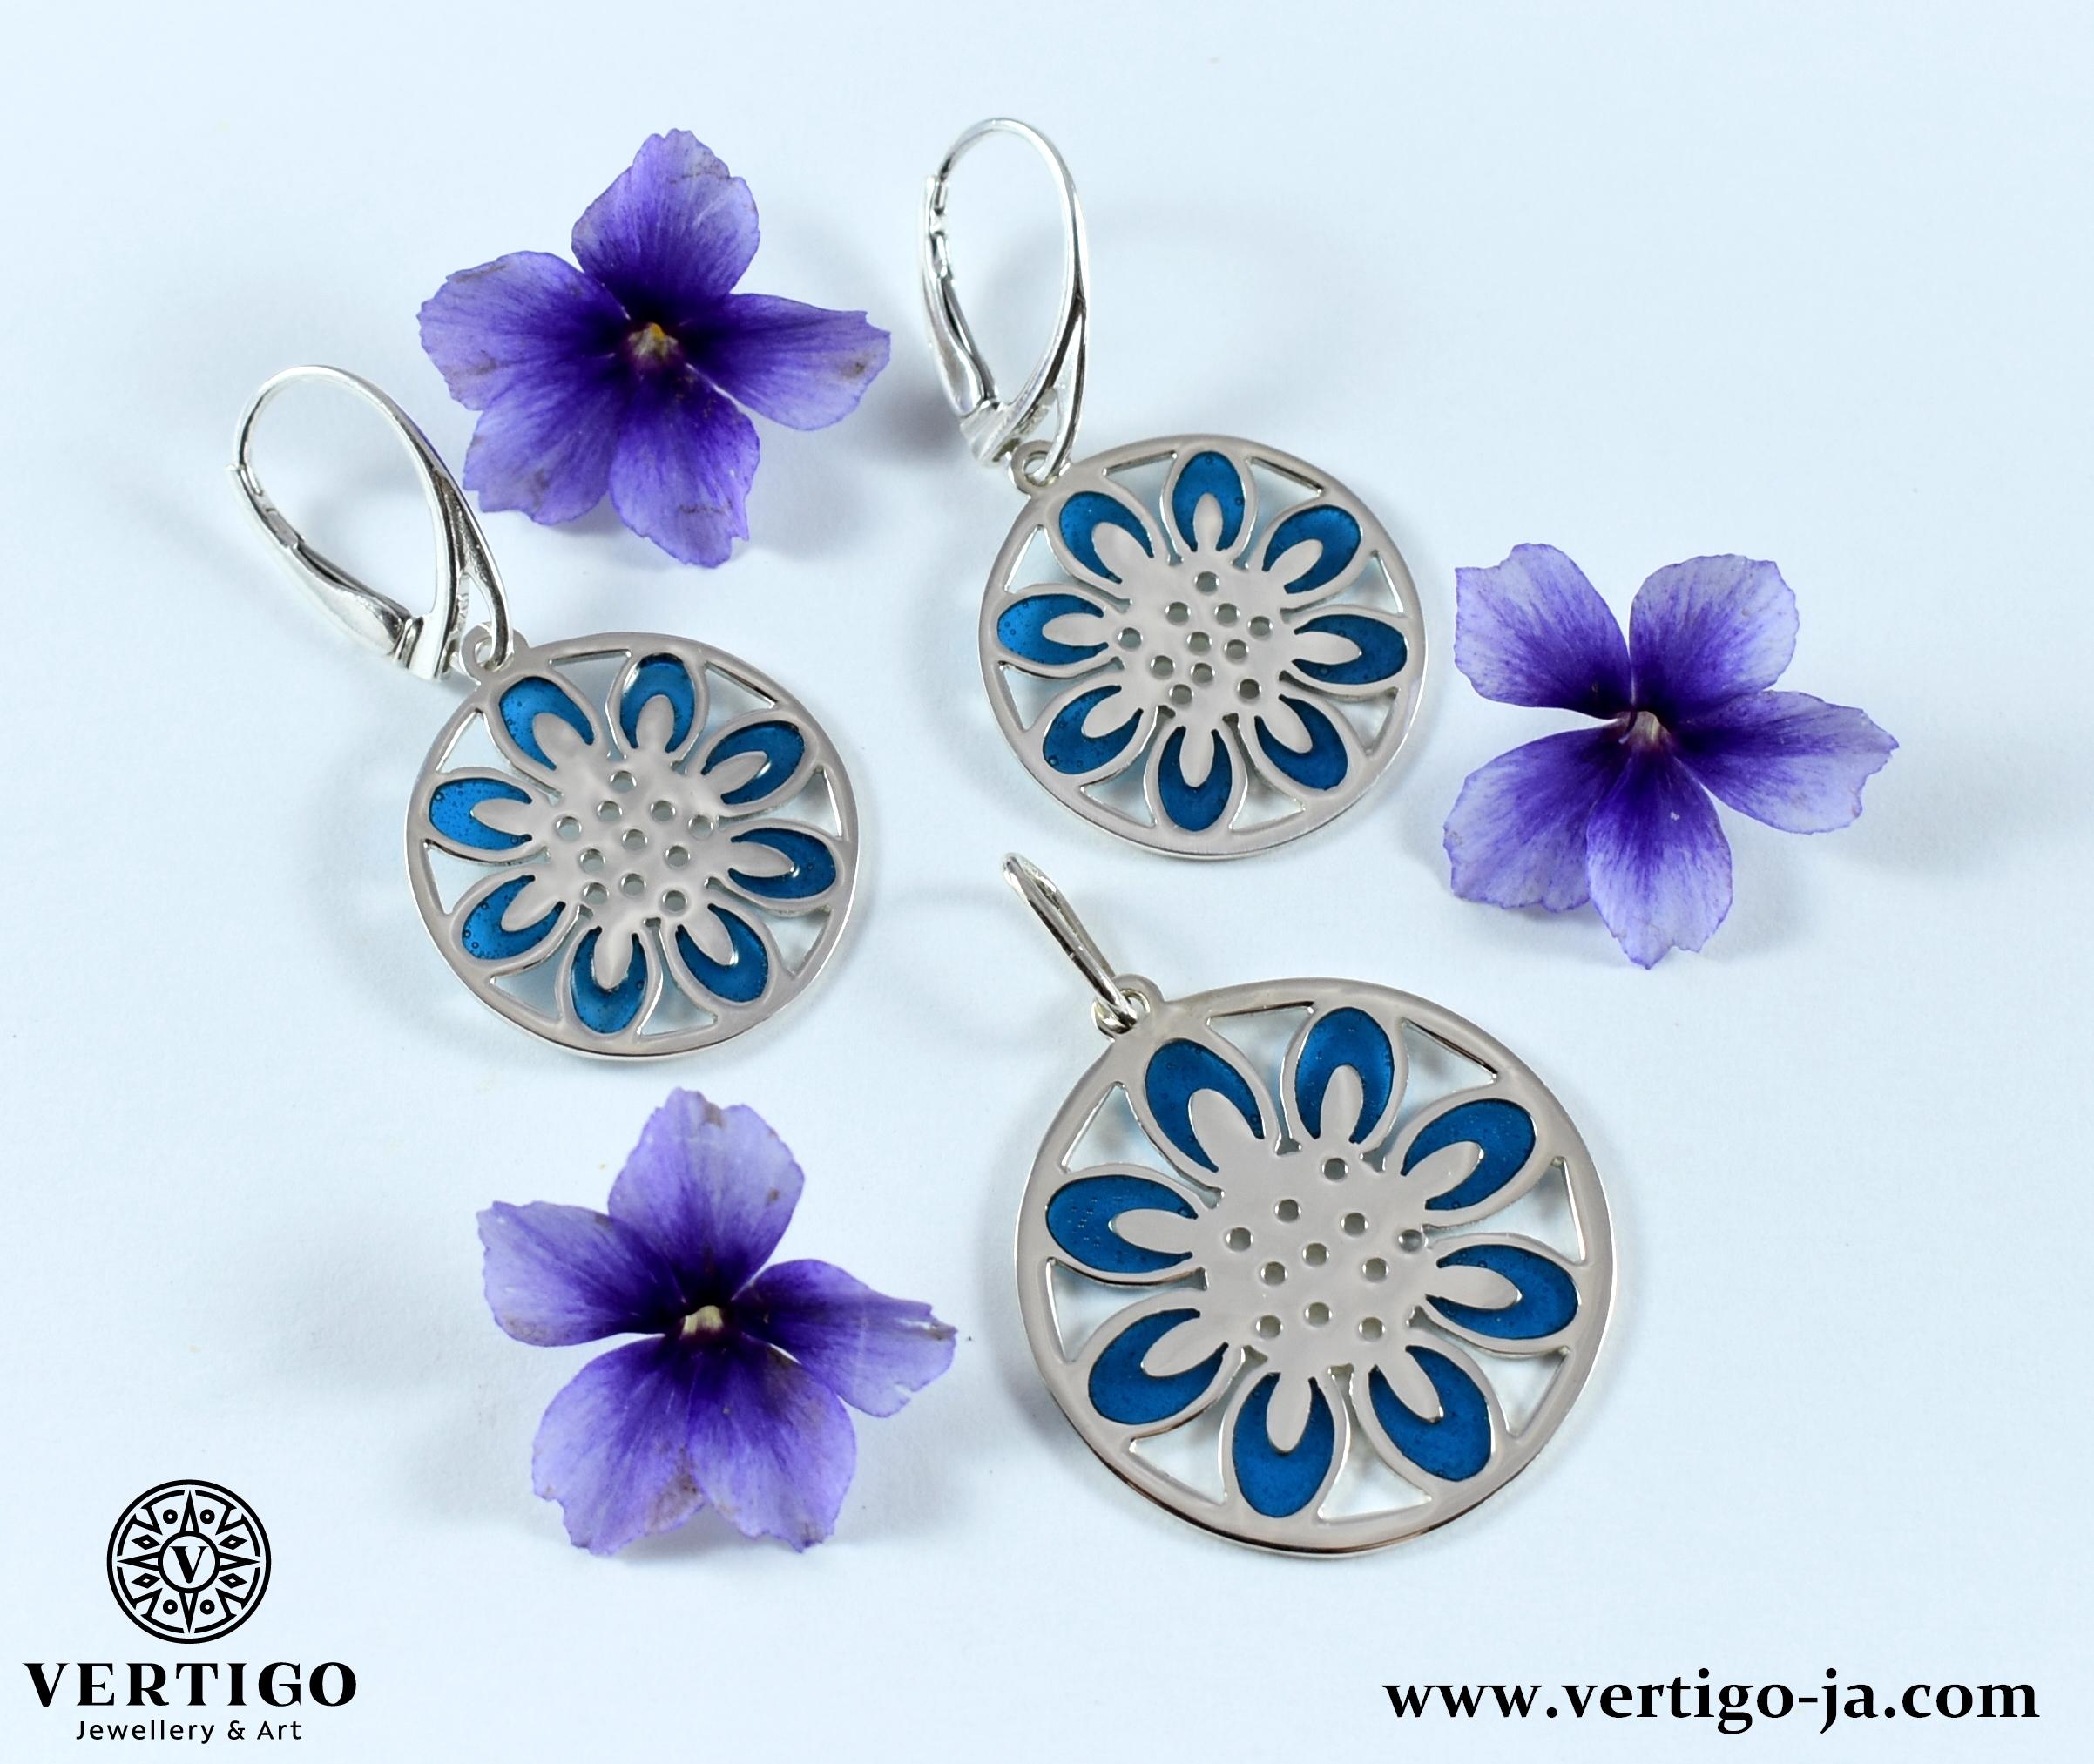 srebrny-komplet-bizuteri-niebieskie-mandale-floksy